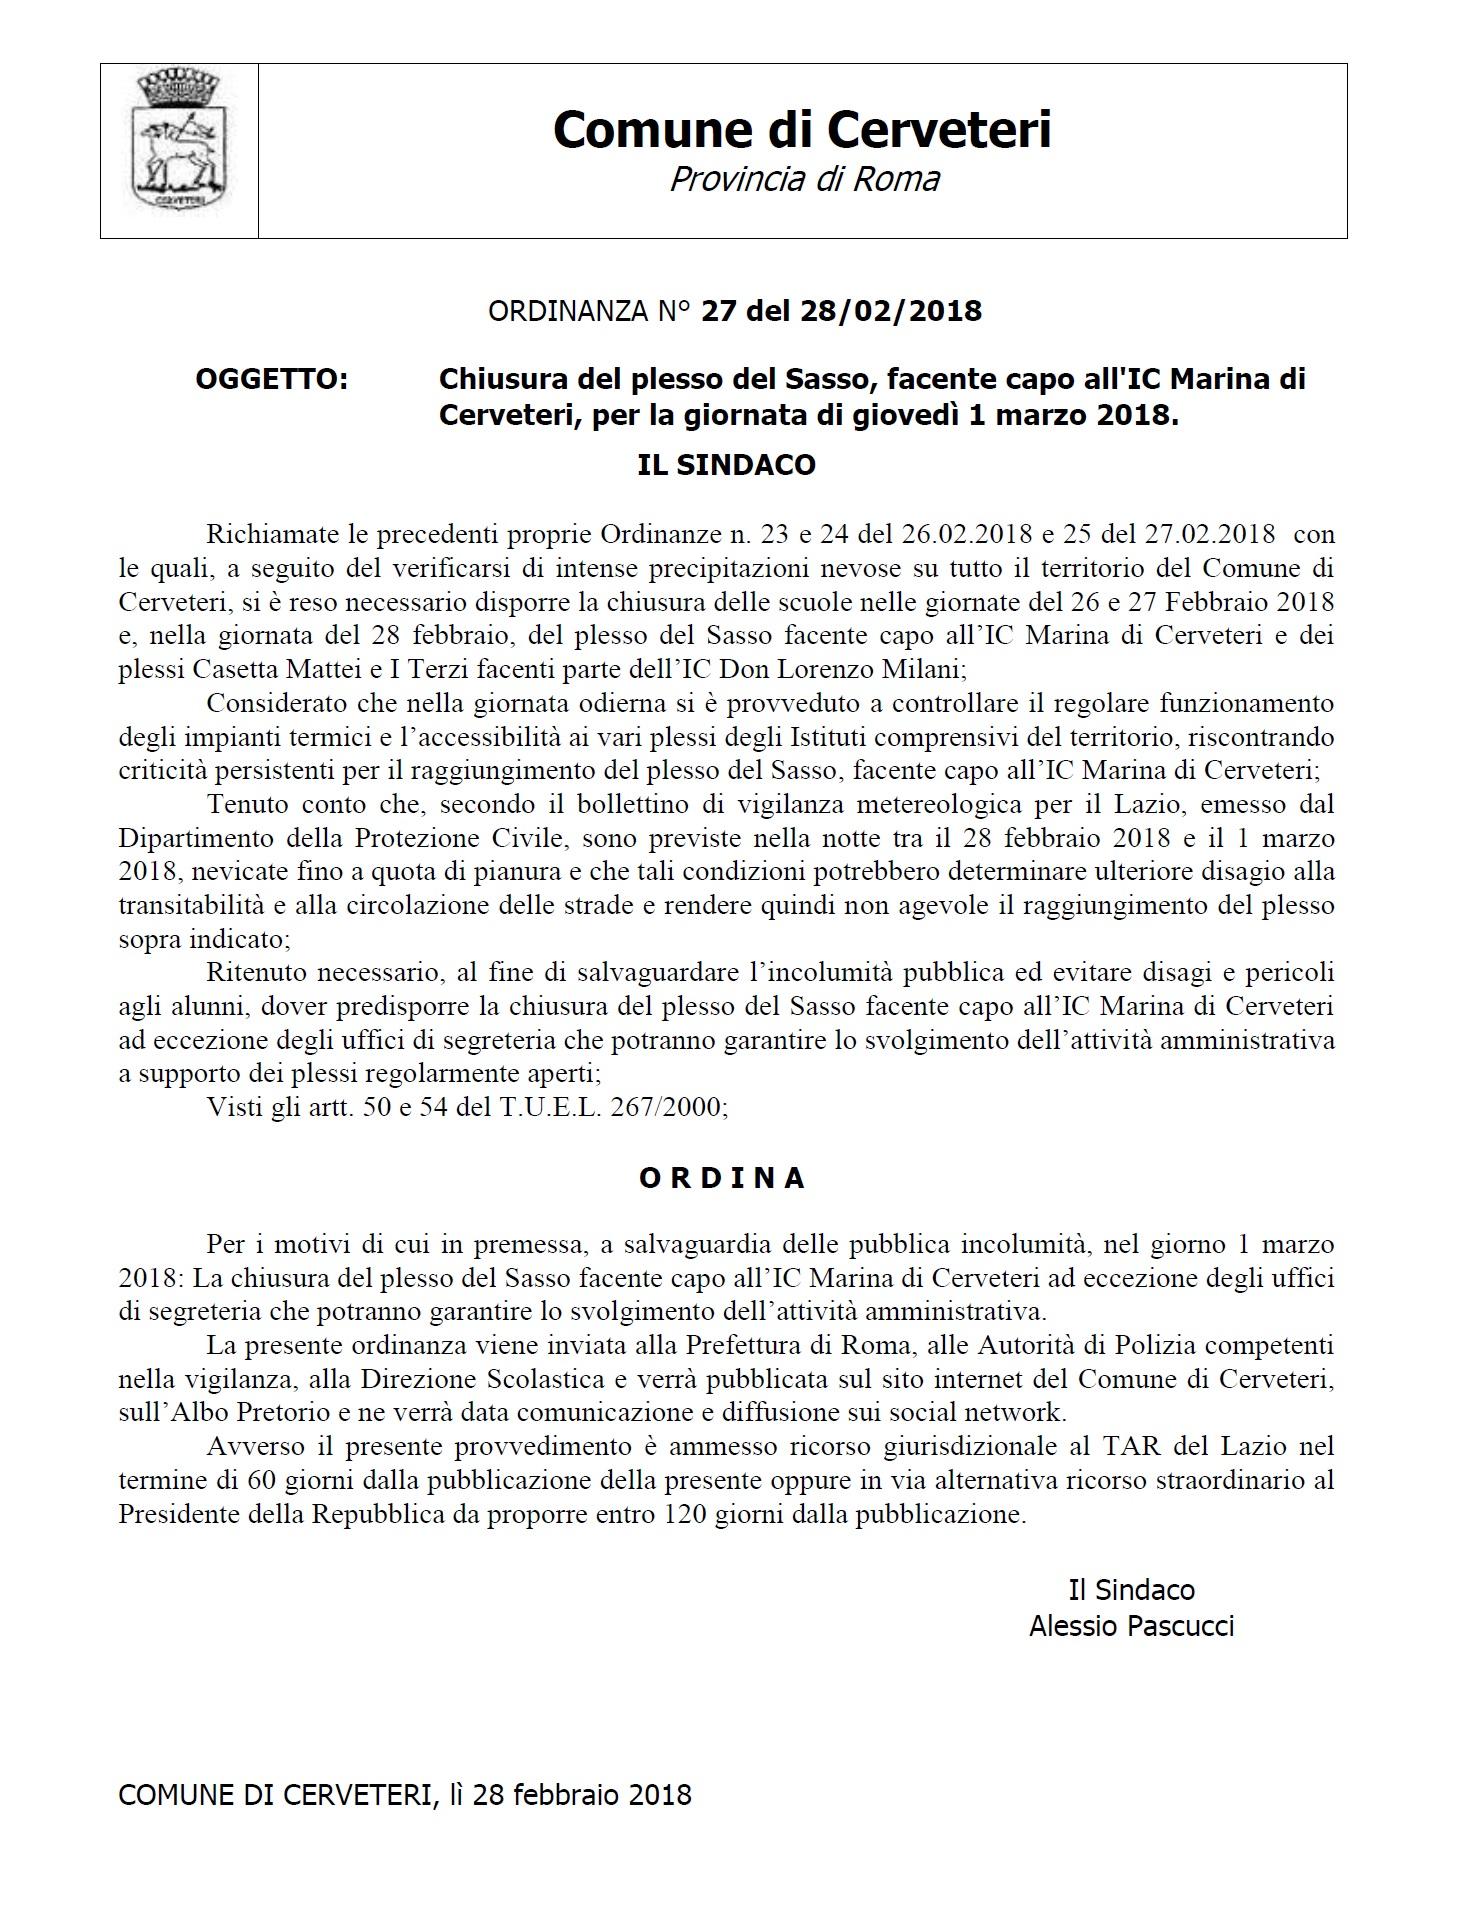 ORDINANZA DEL SINDACO n. 27 del 28/02/2018